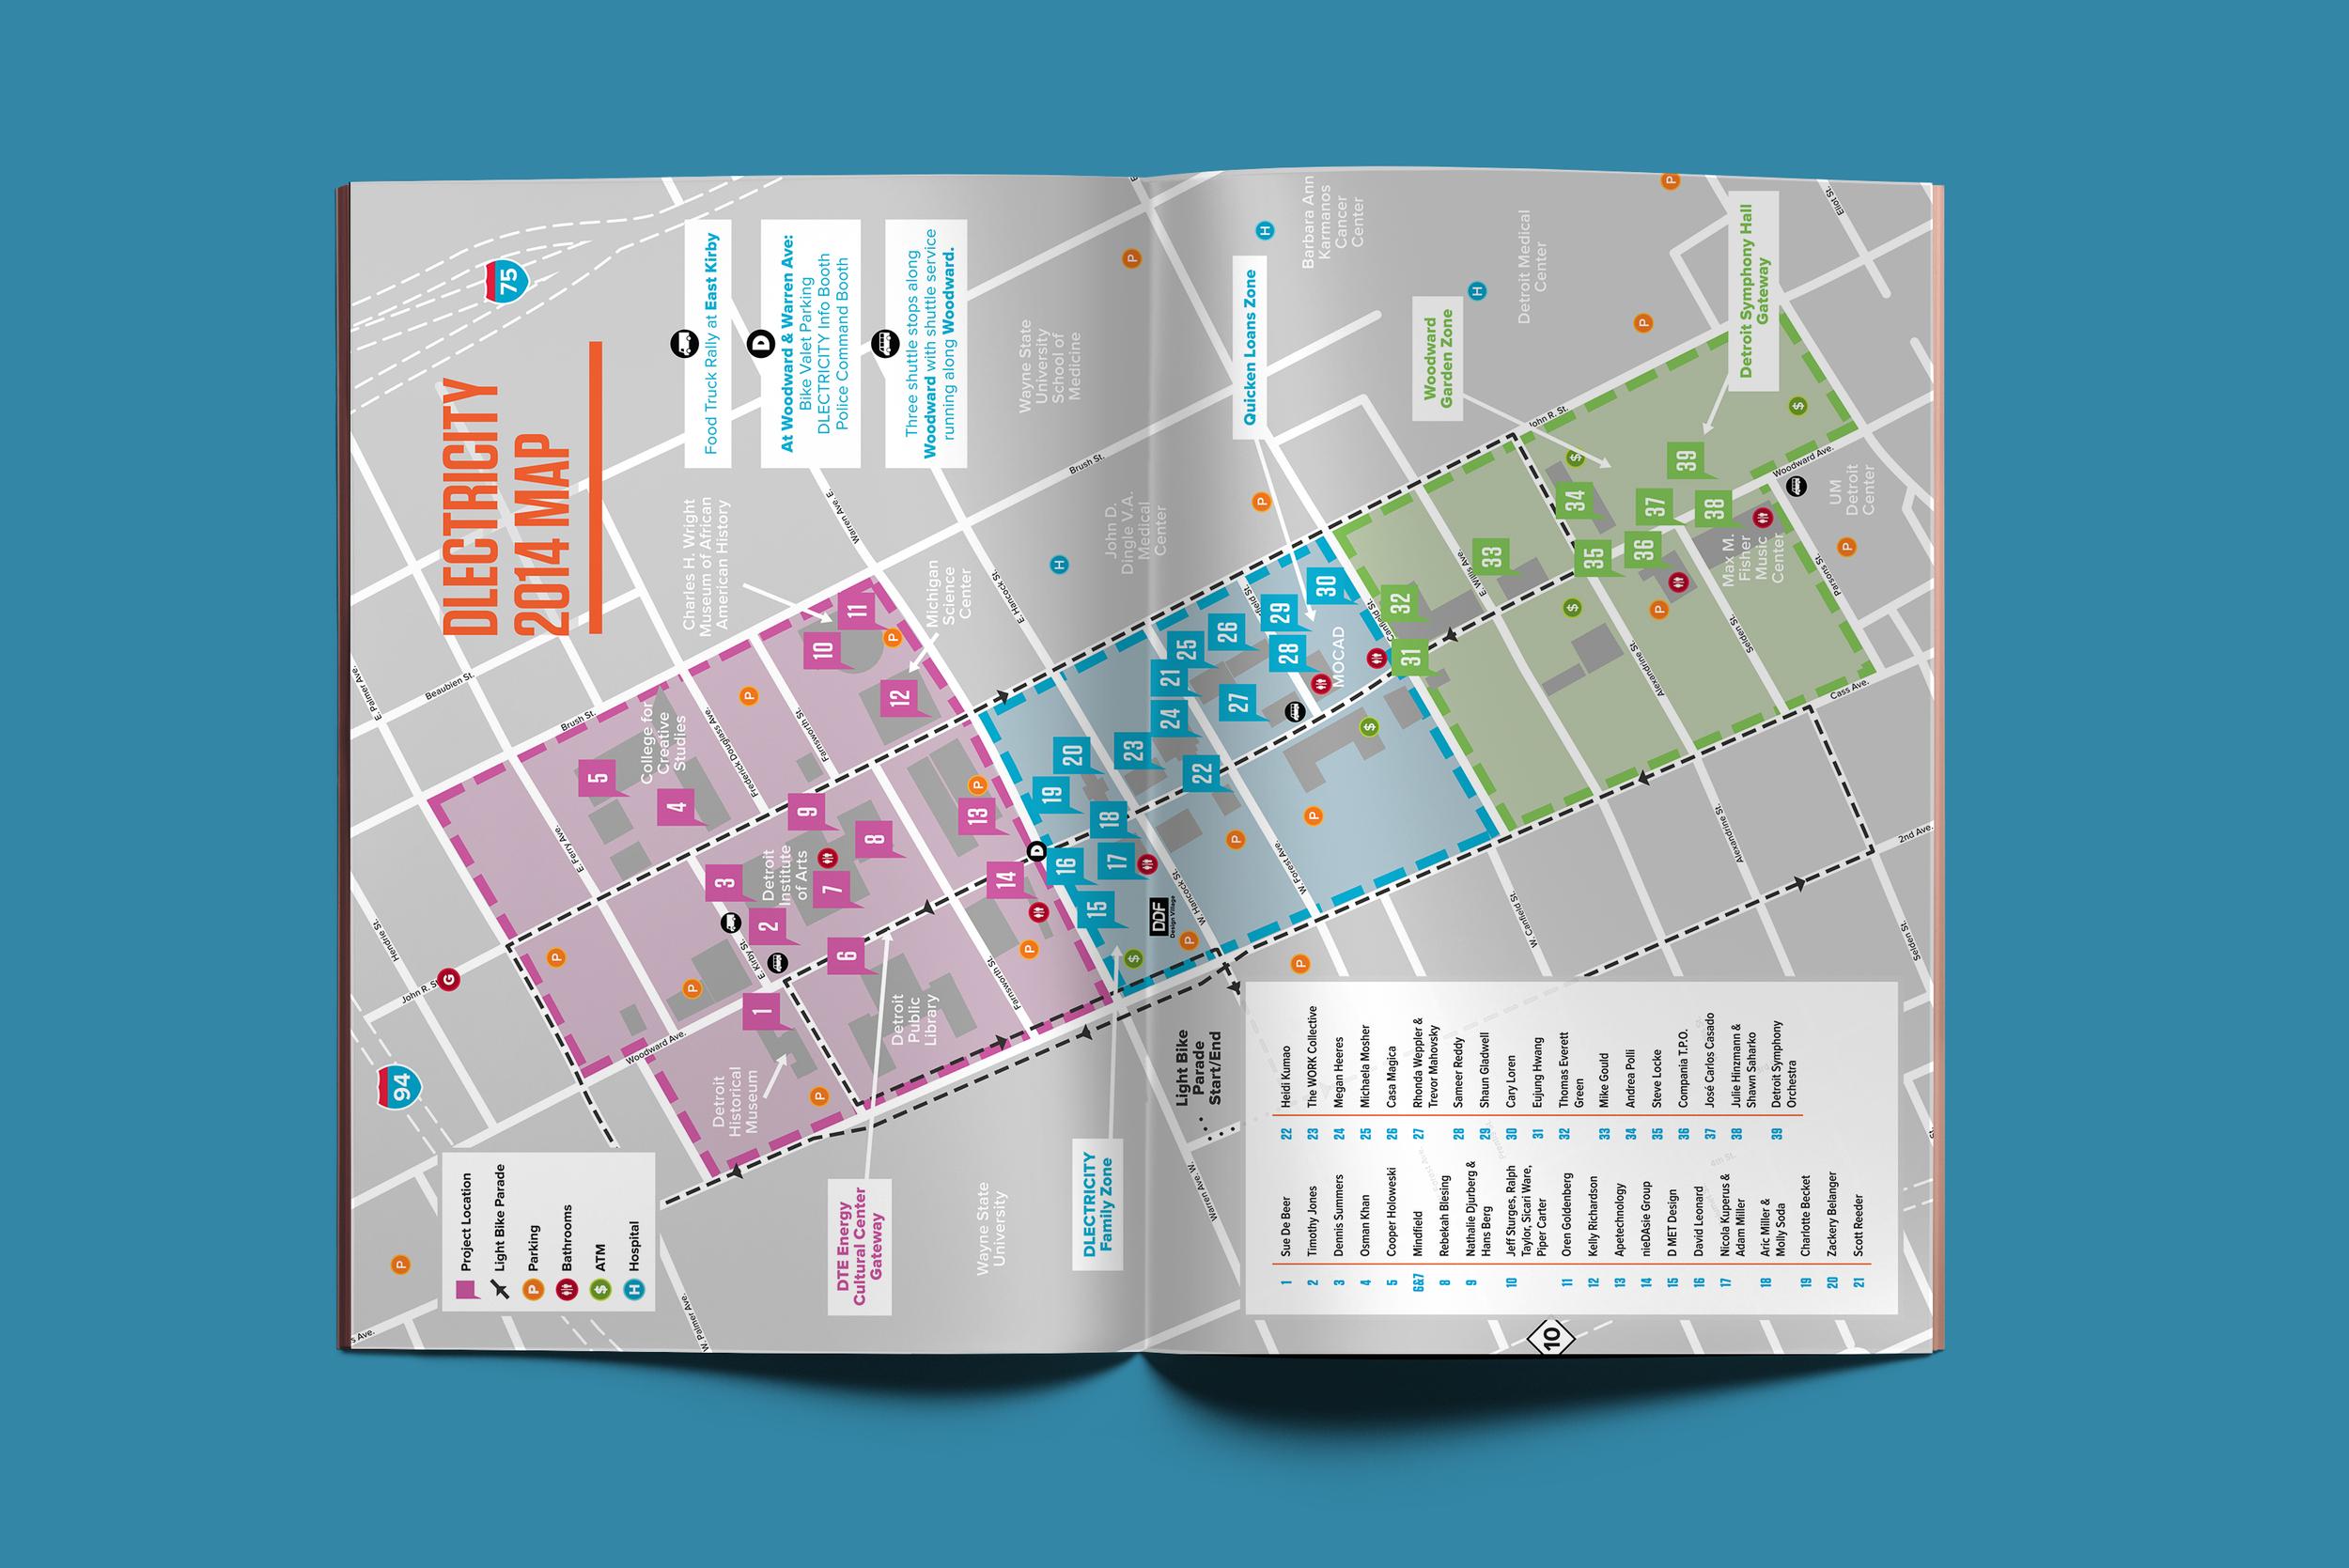 Program_Guide_Mapped.jpg